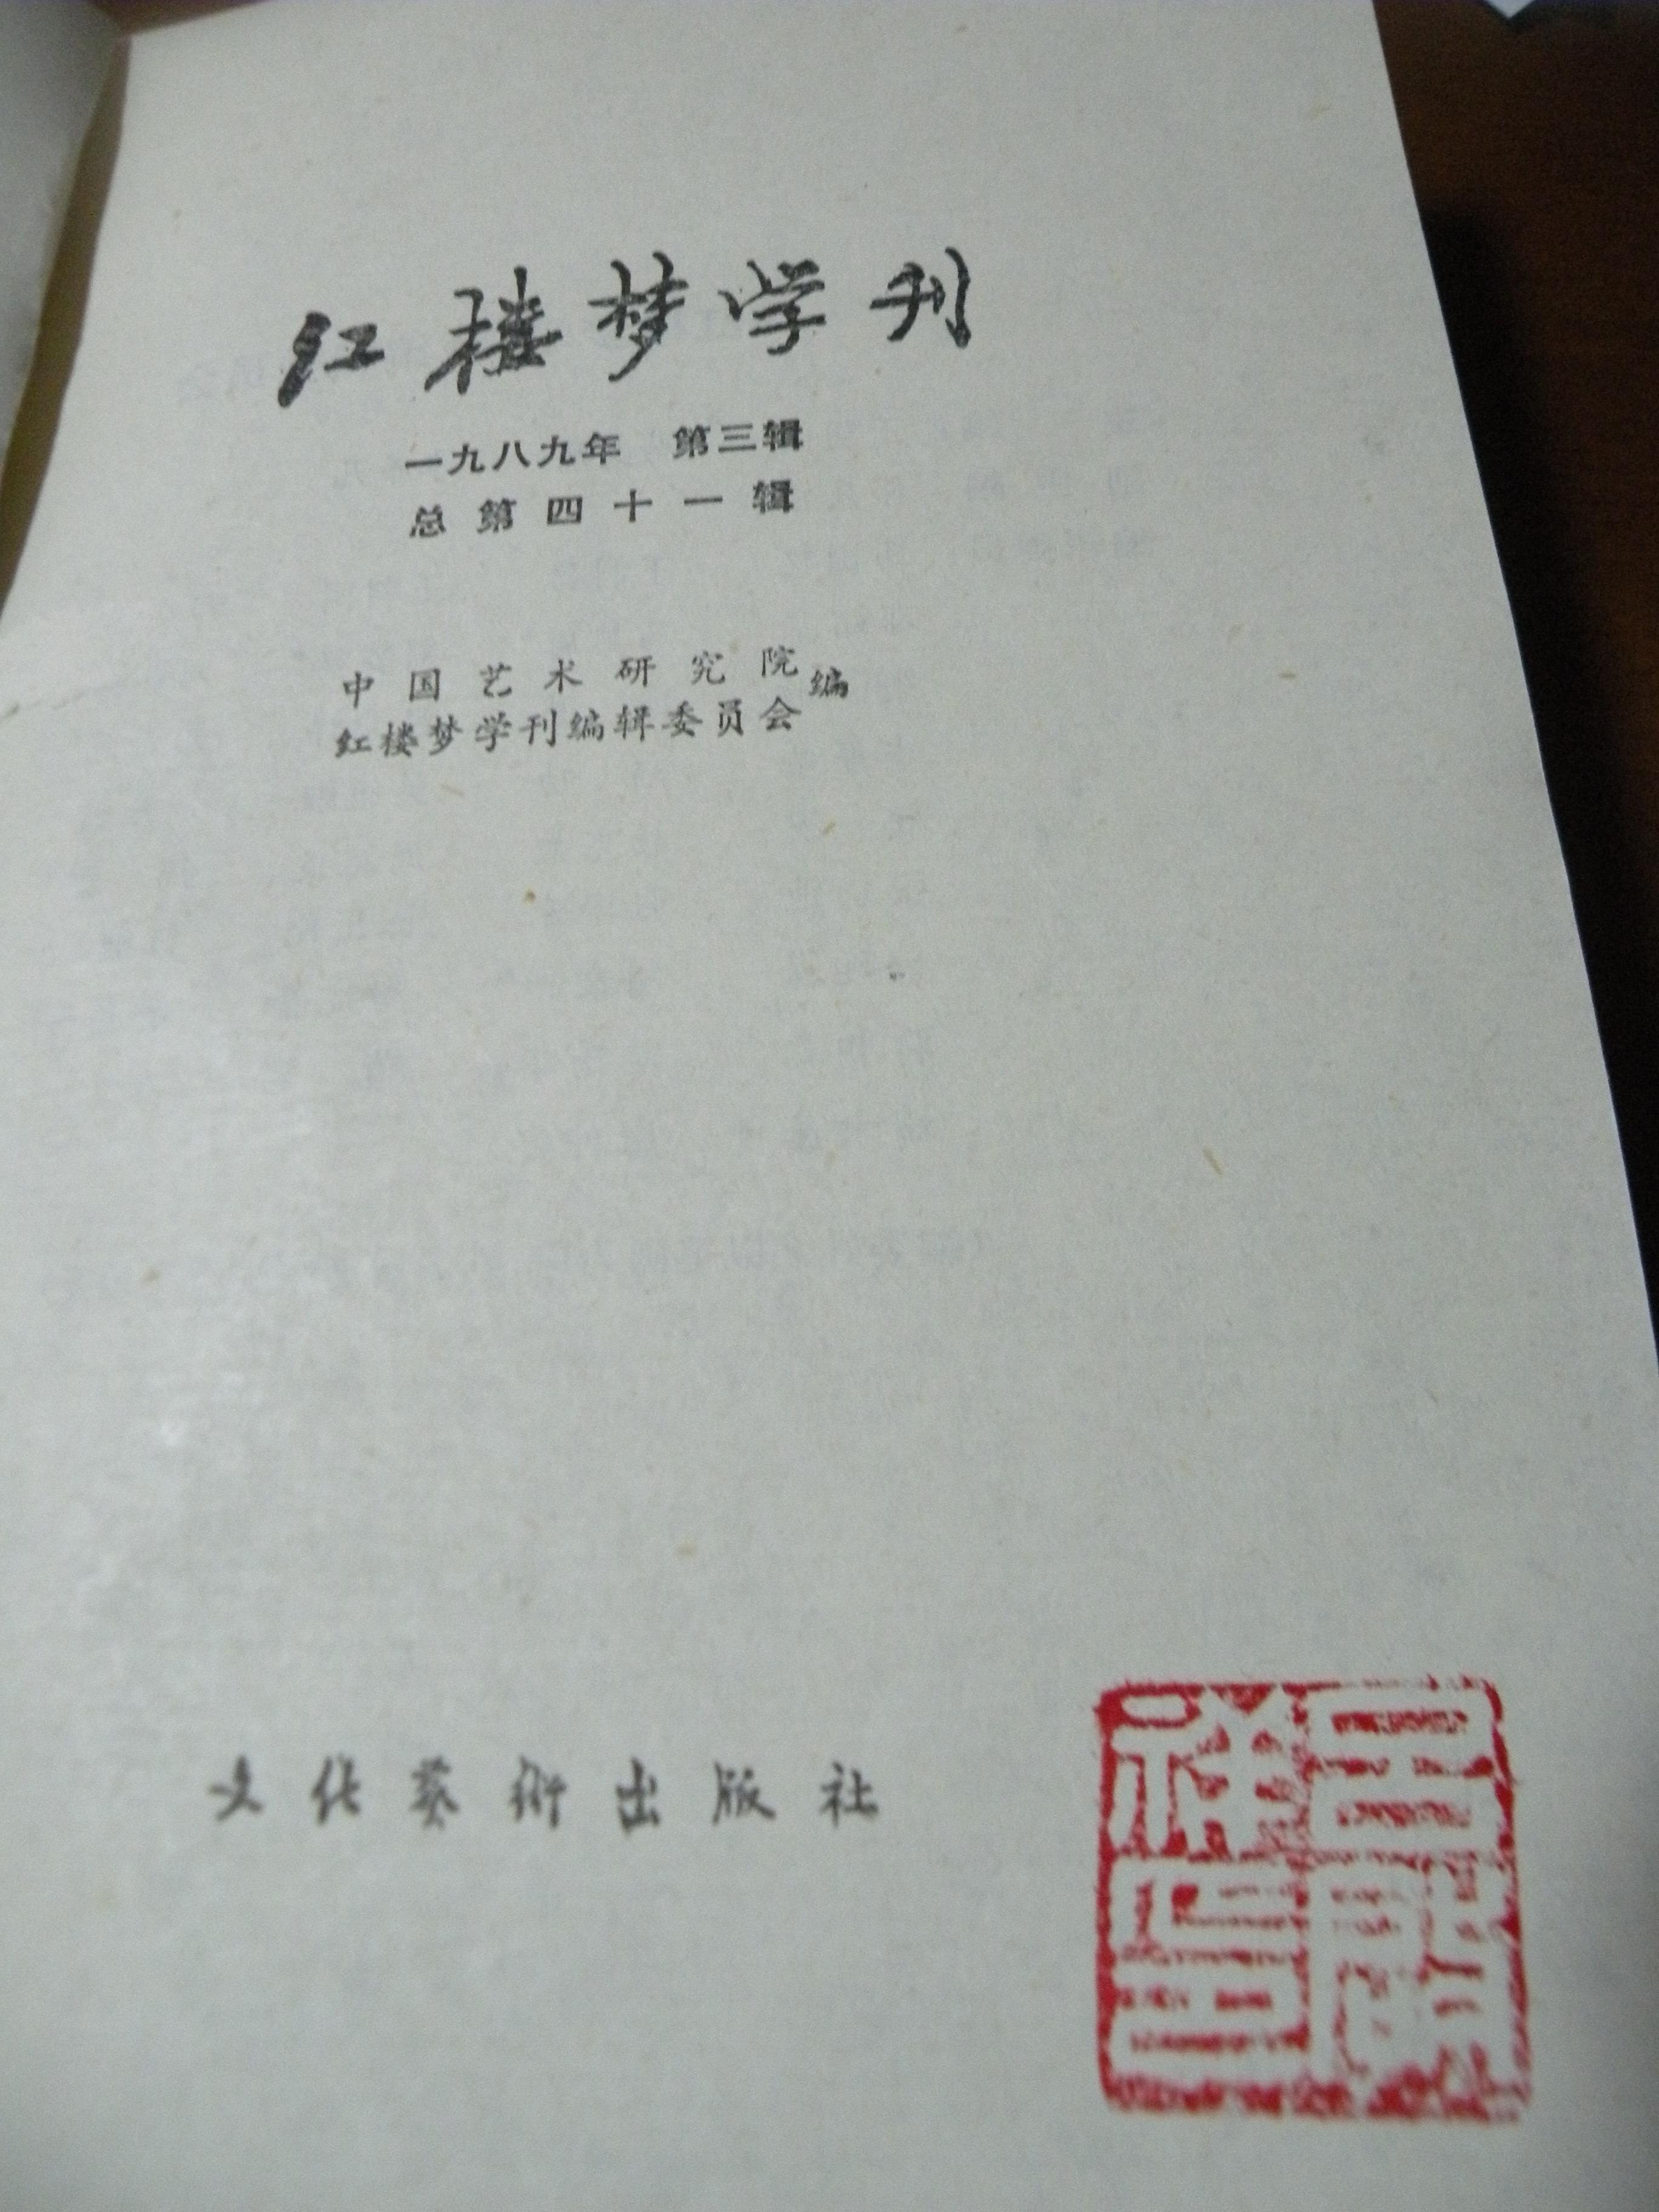 DSCN9298.JPG